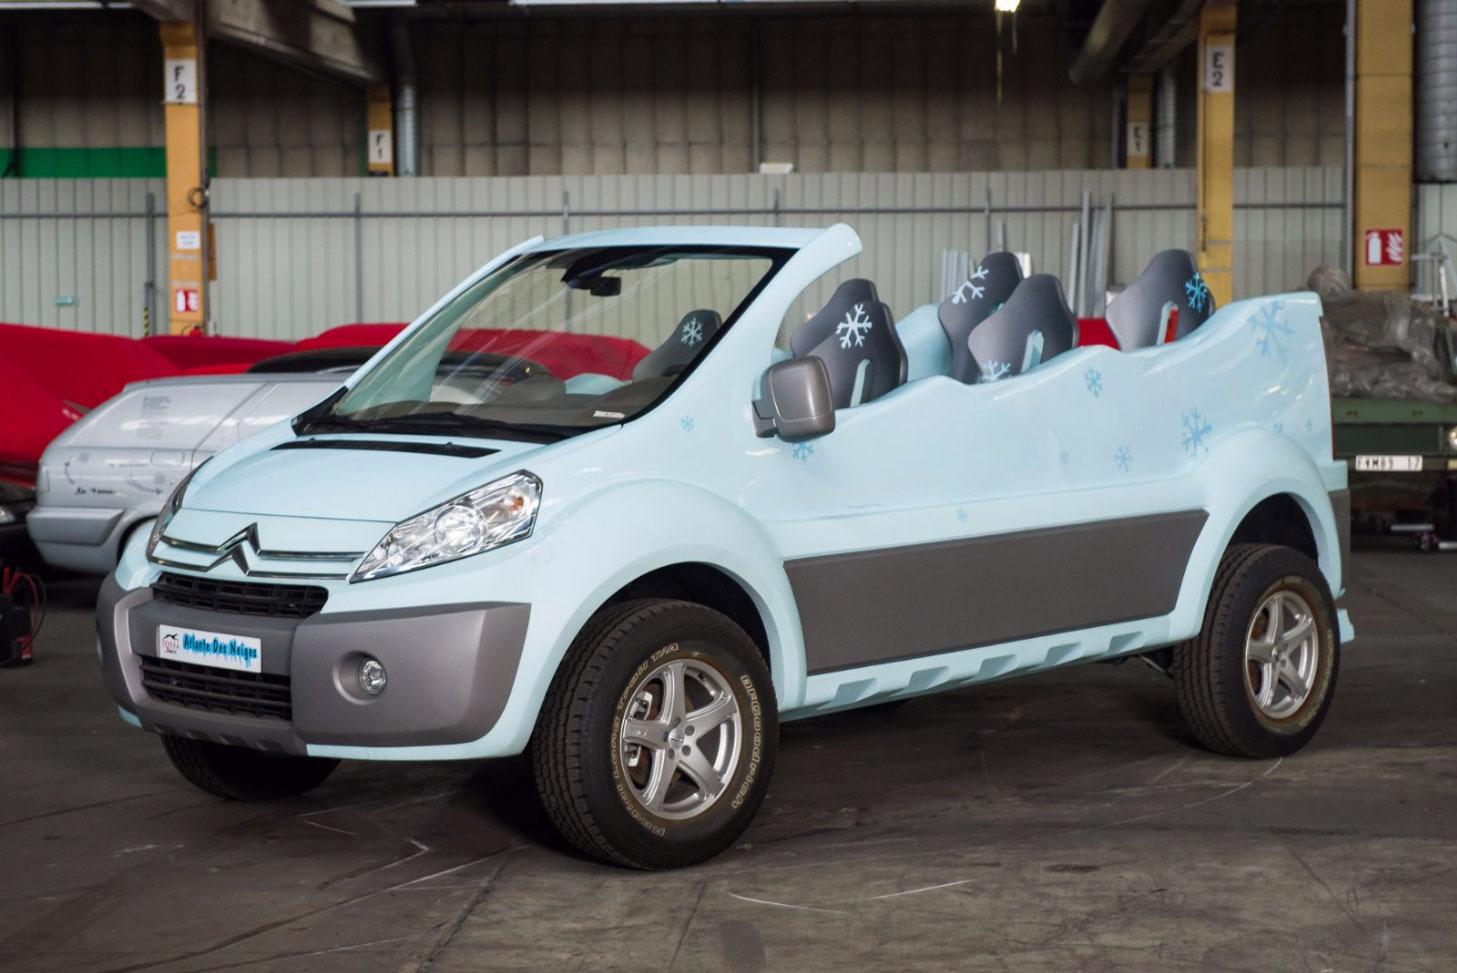 """2007 Citroën Jumpy """"Atlante des Neiges"""""""